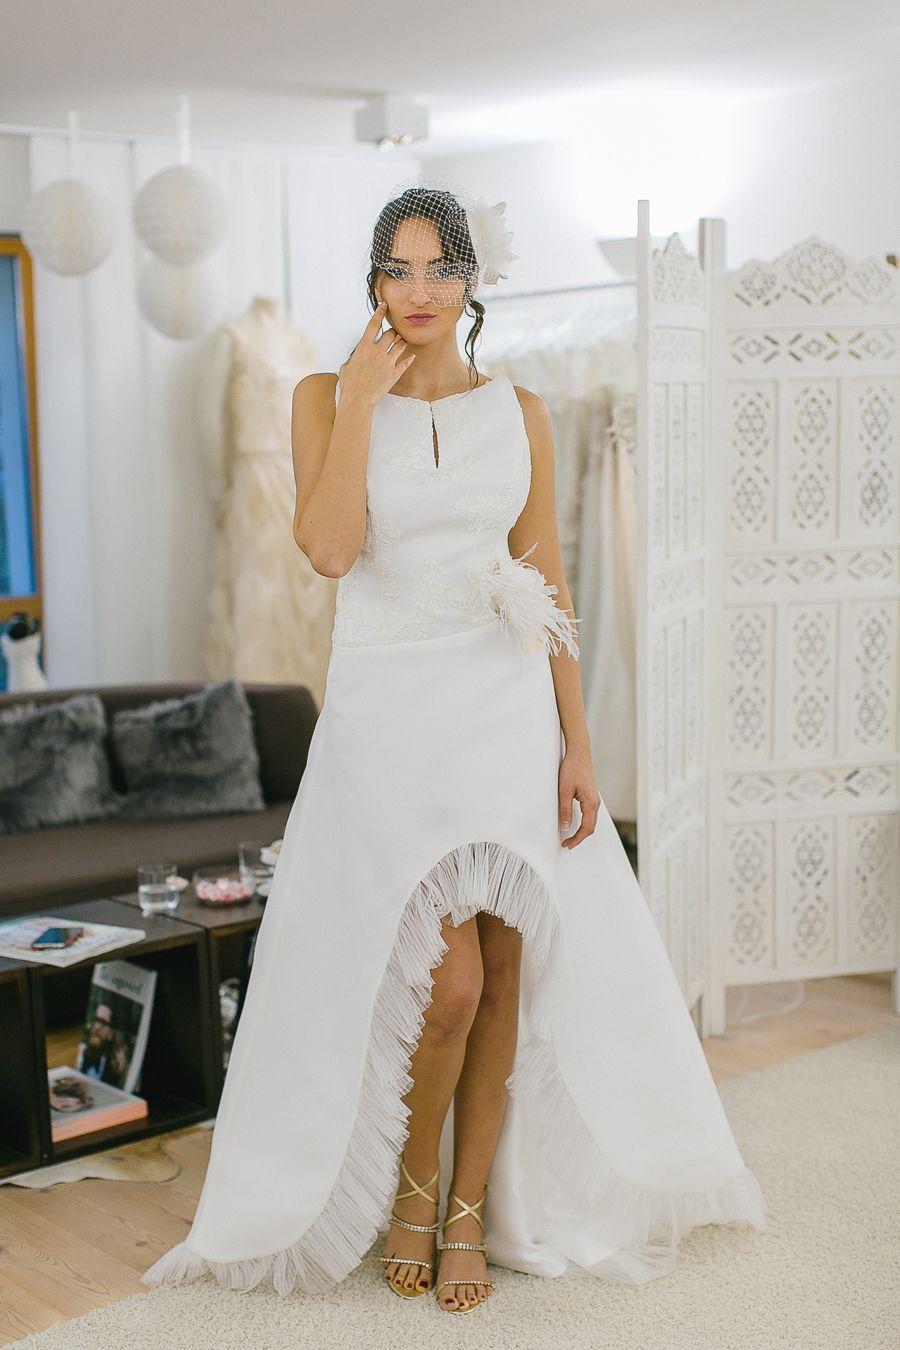 Brautkleid vorne kurz, hinten lang im Carmen-Stil  Hochzeitskleid